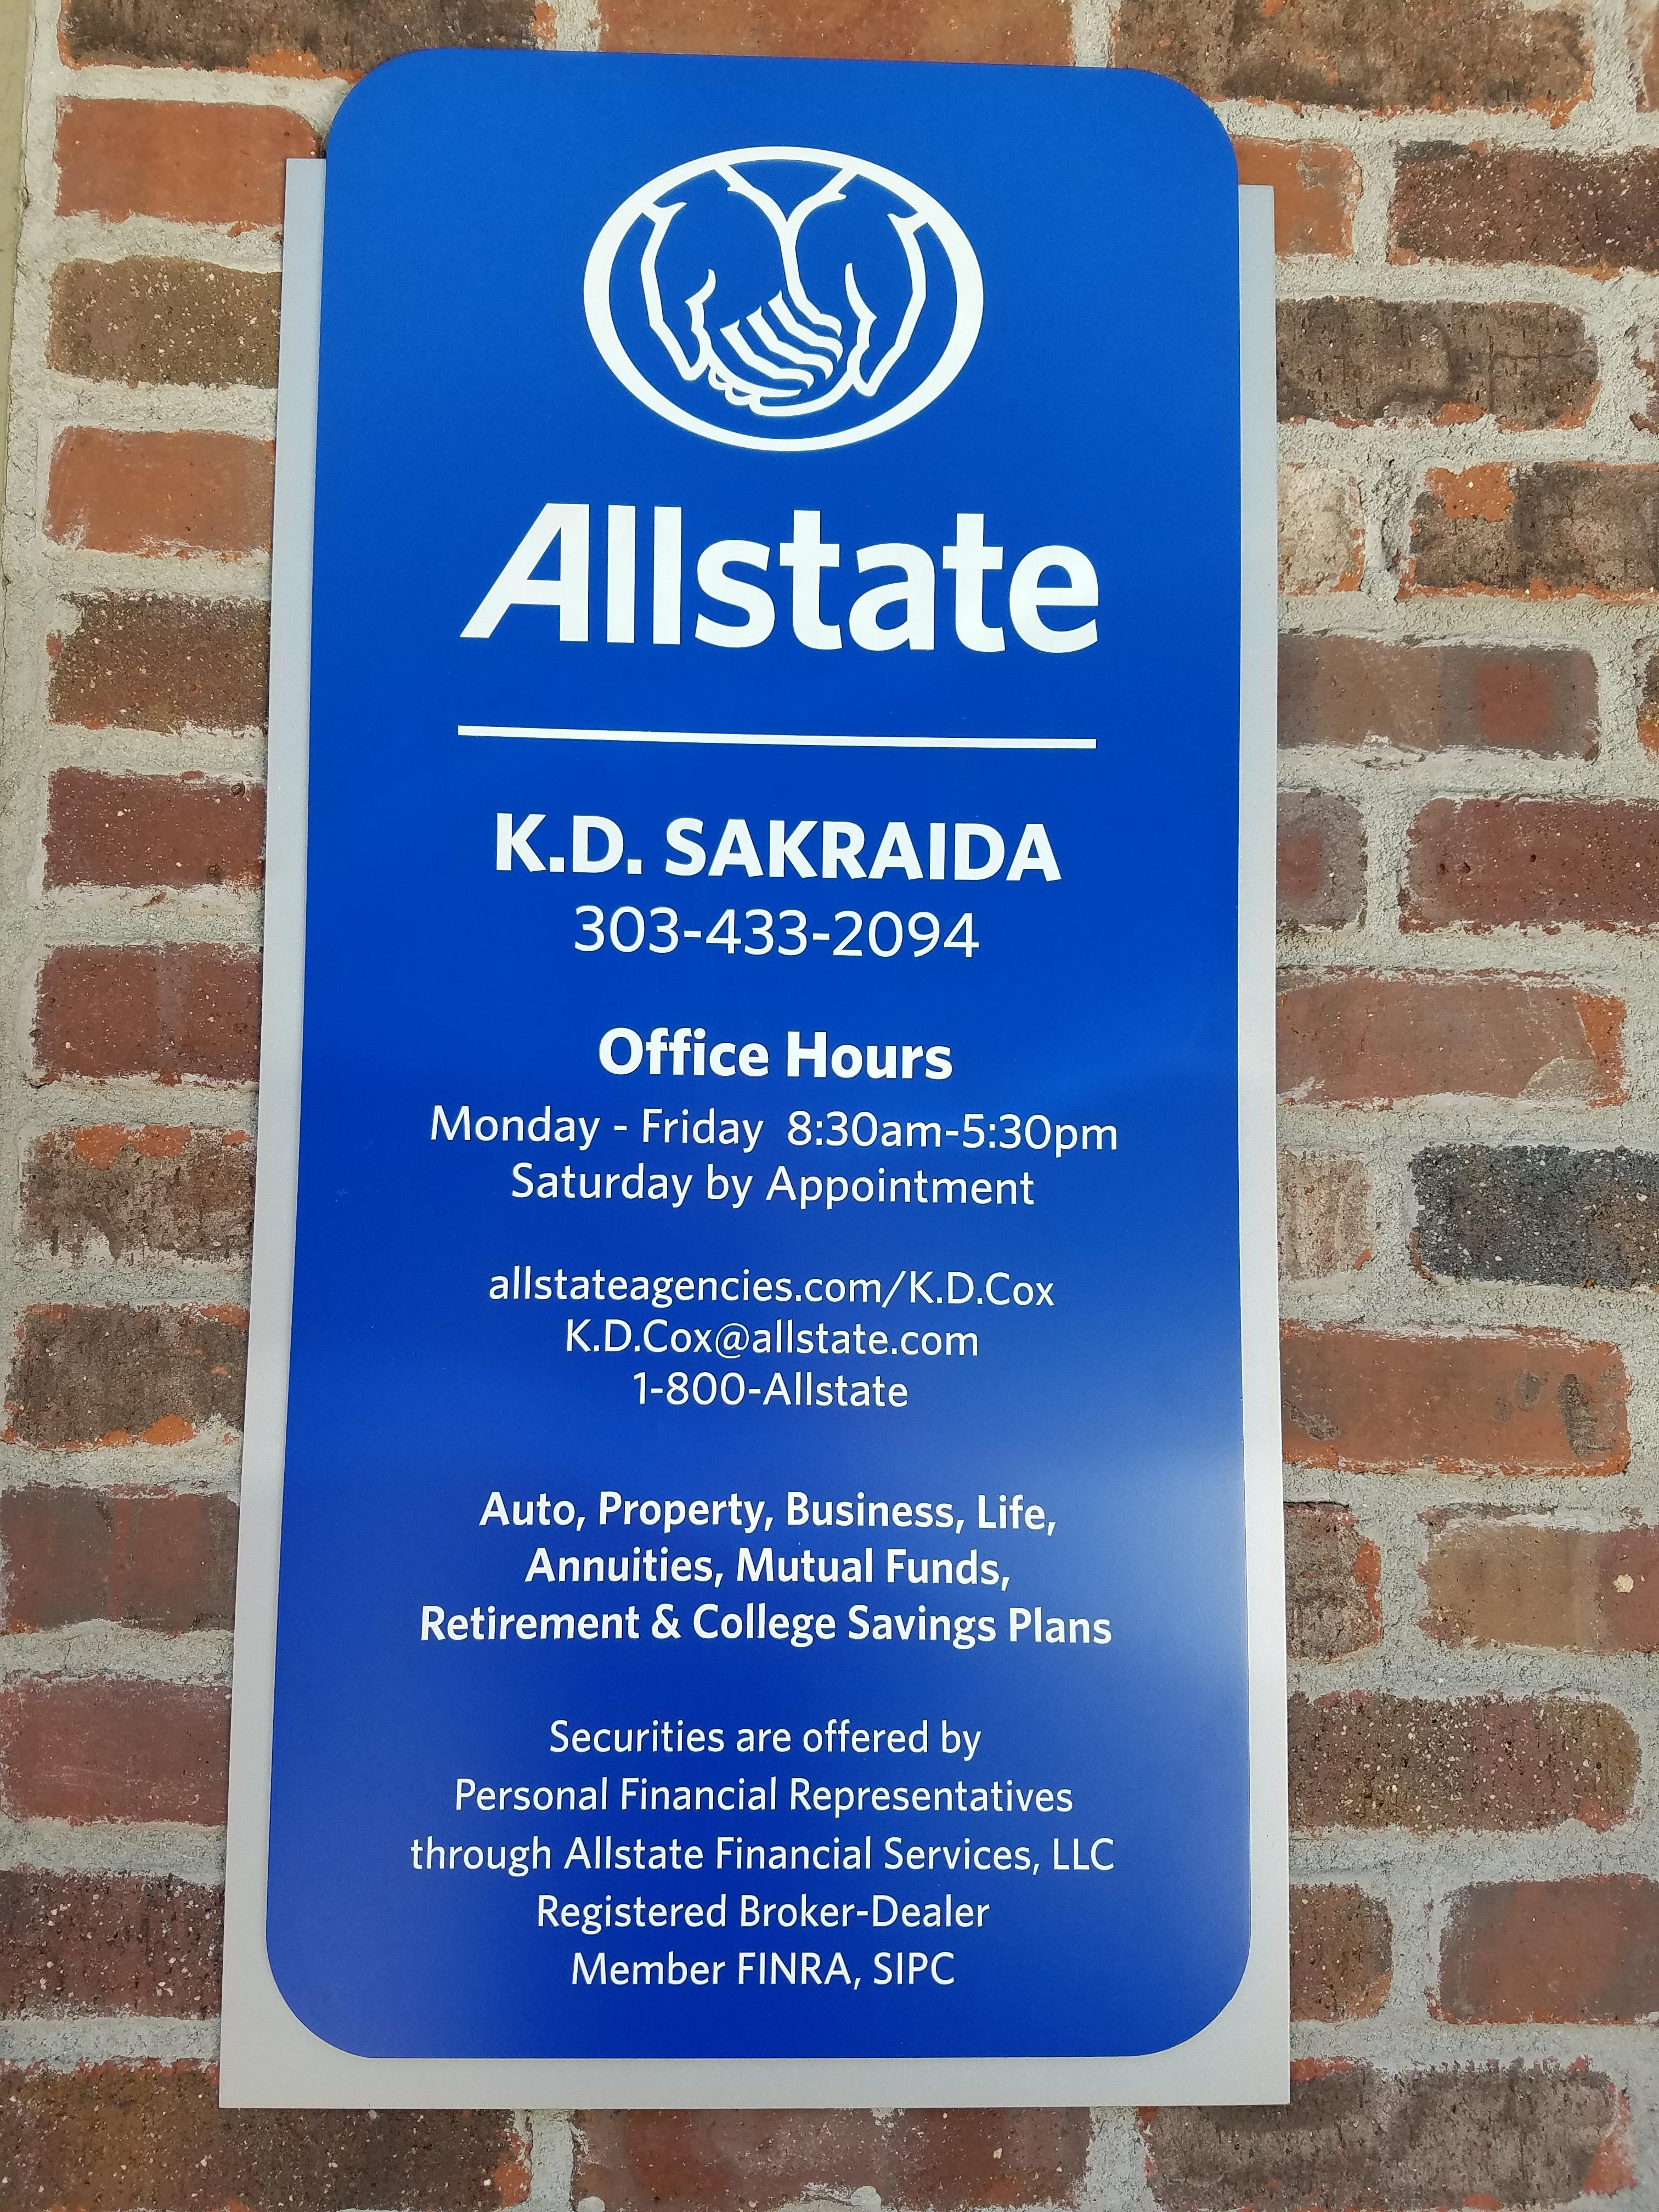 K.D. Sakraida: Allstate Insurance